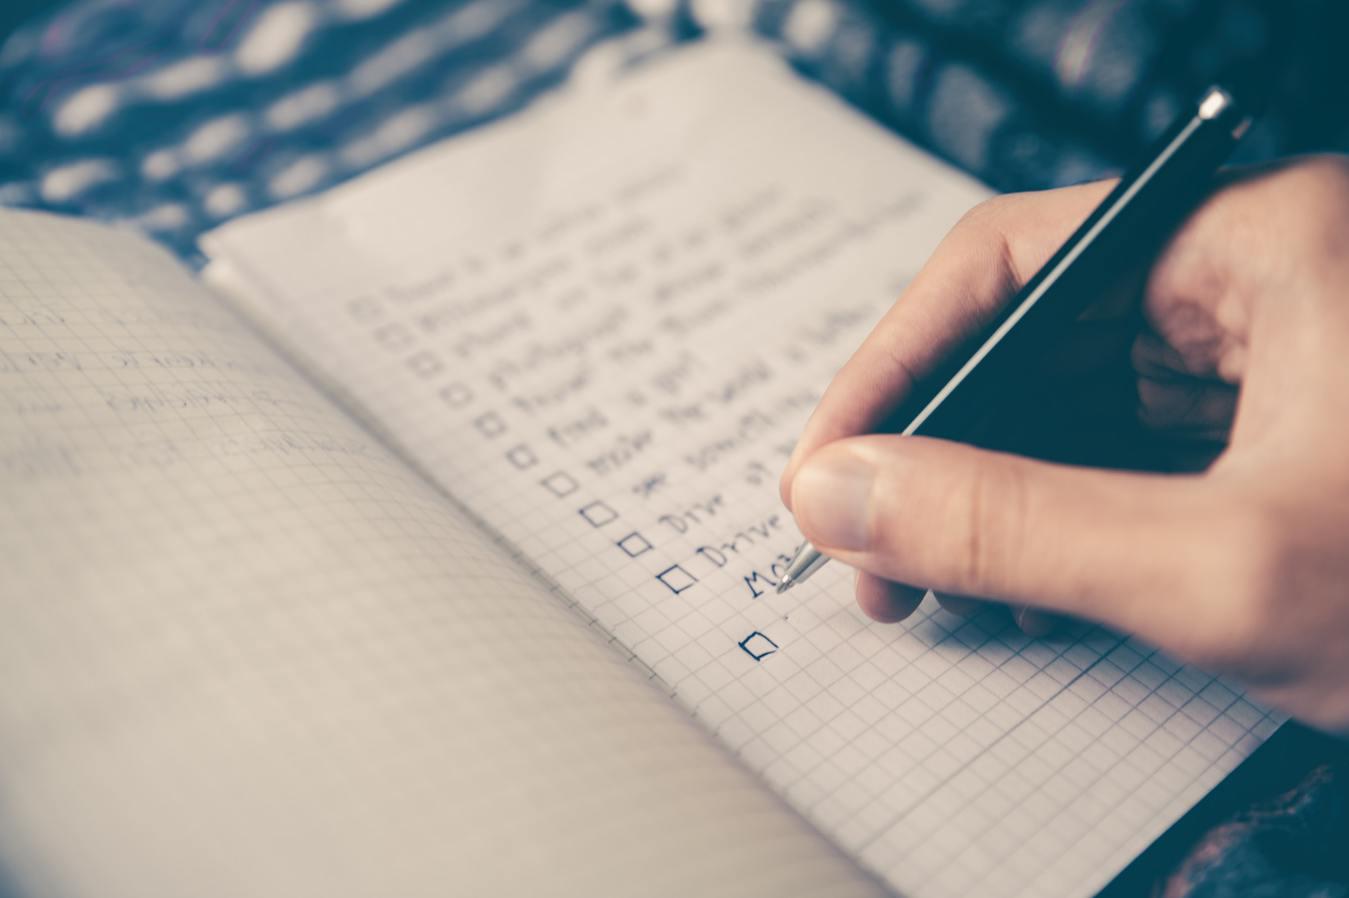 Seseorang menulis checklist ide bisnis di buku catatan